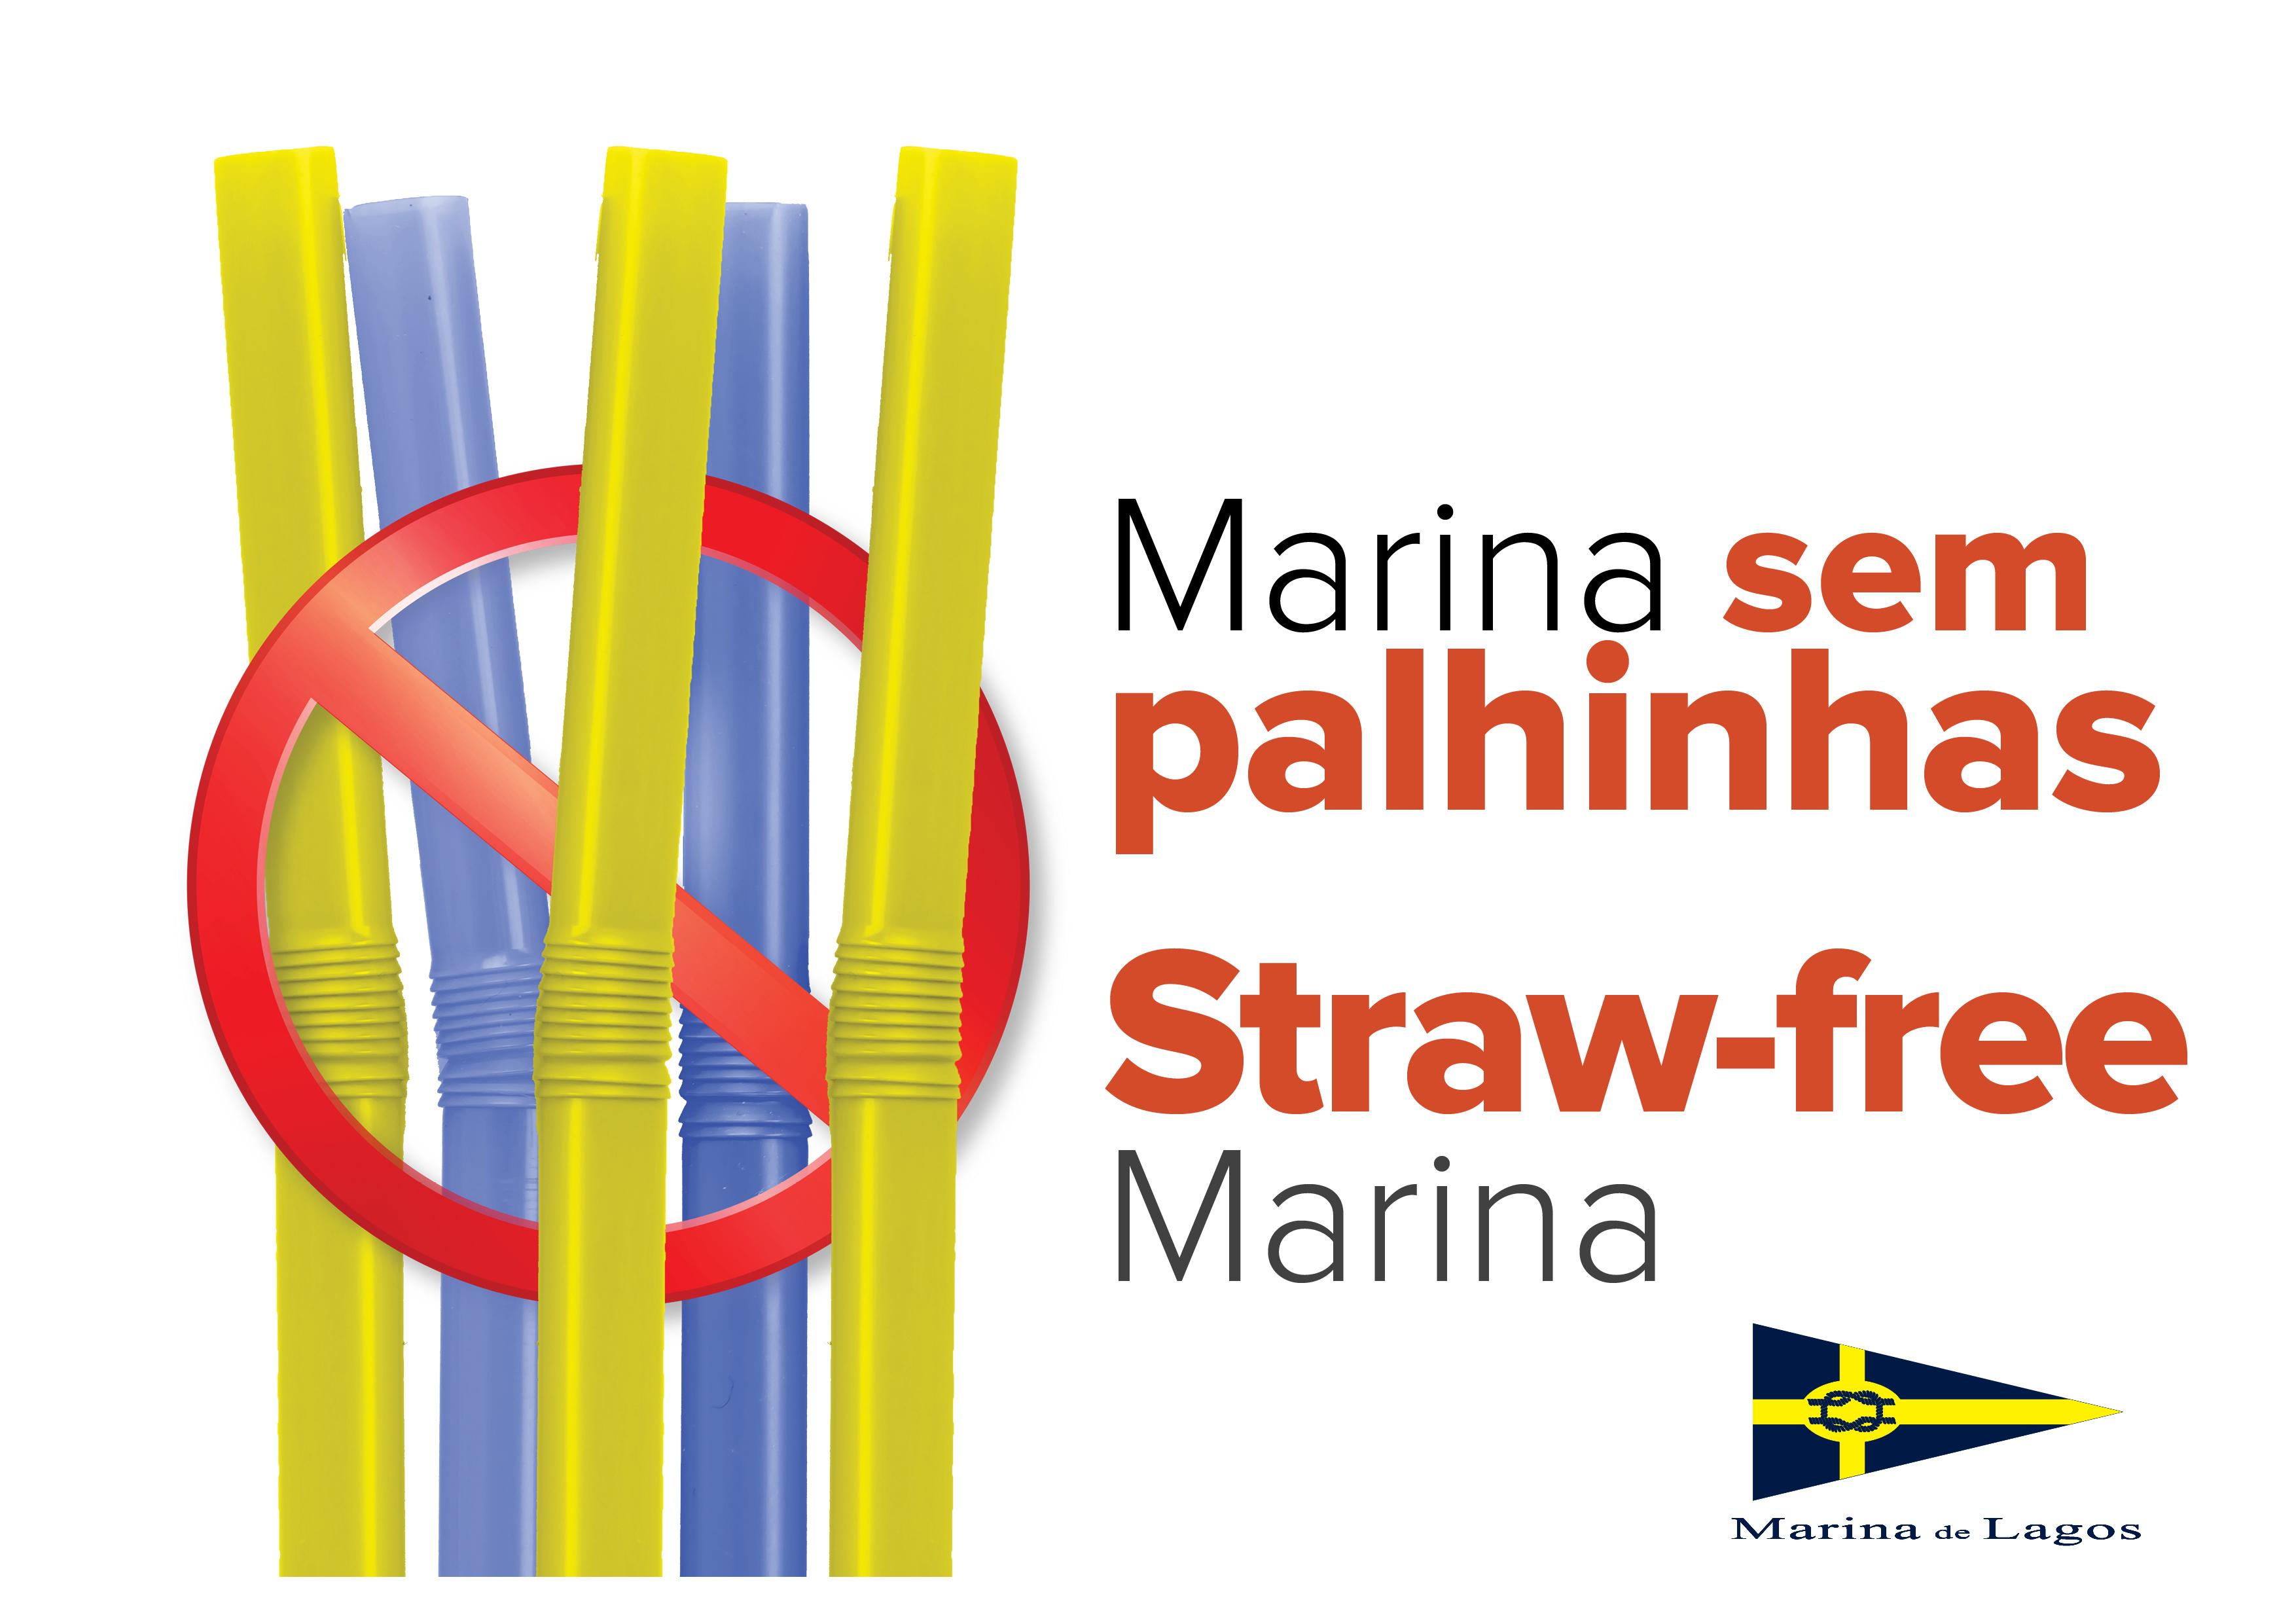 Marina de Lagos pretende tornar-se a primeira marina no mundo sem palhinhas de plástico